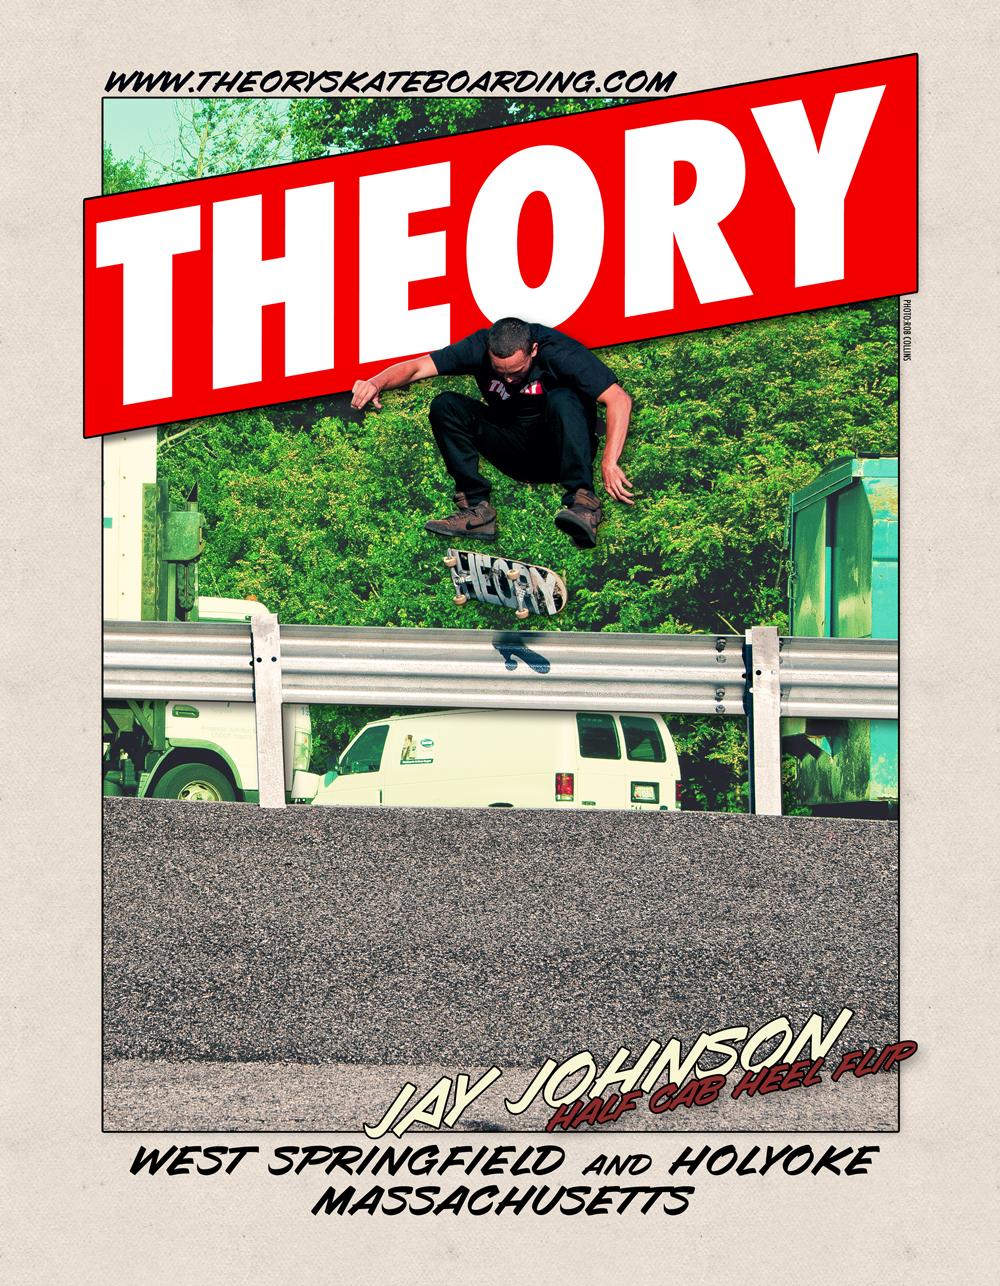 Jay Johnson